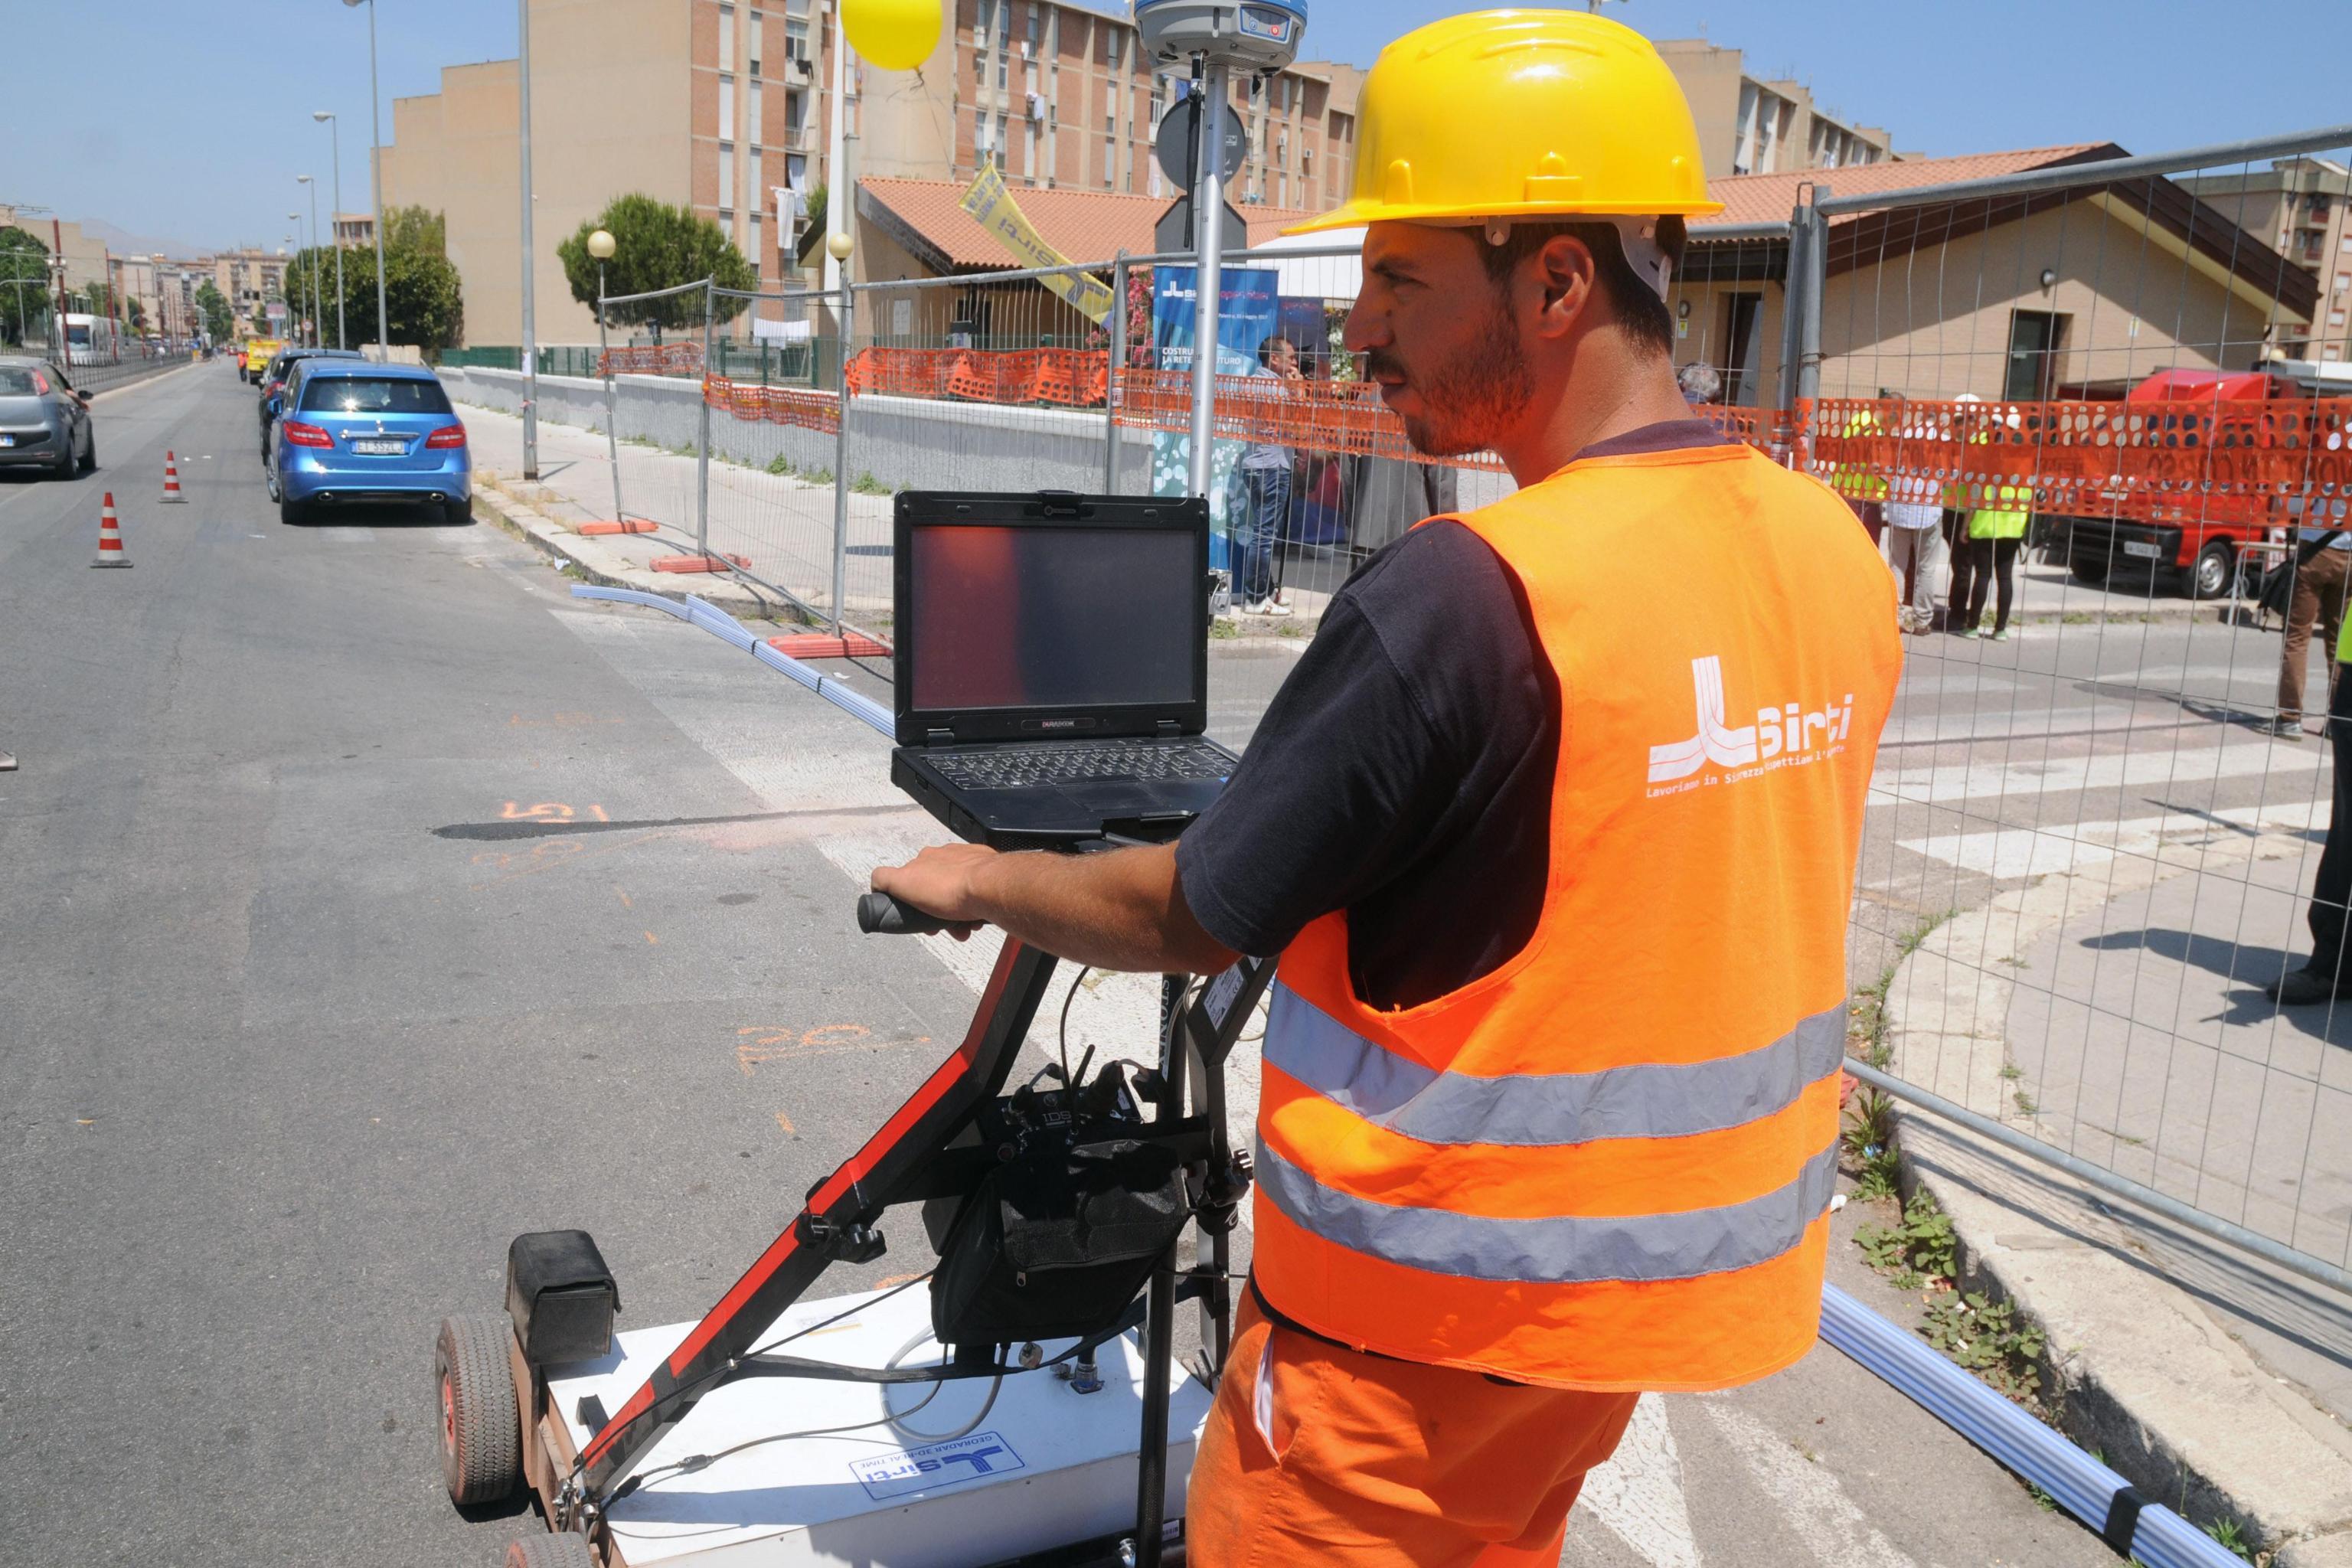 L'Aquila è città pilota per la sperimentazione 5G di Open Fiber e Wind Tre